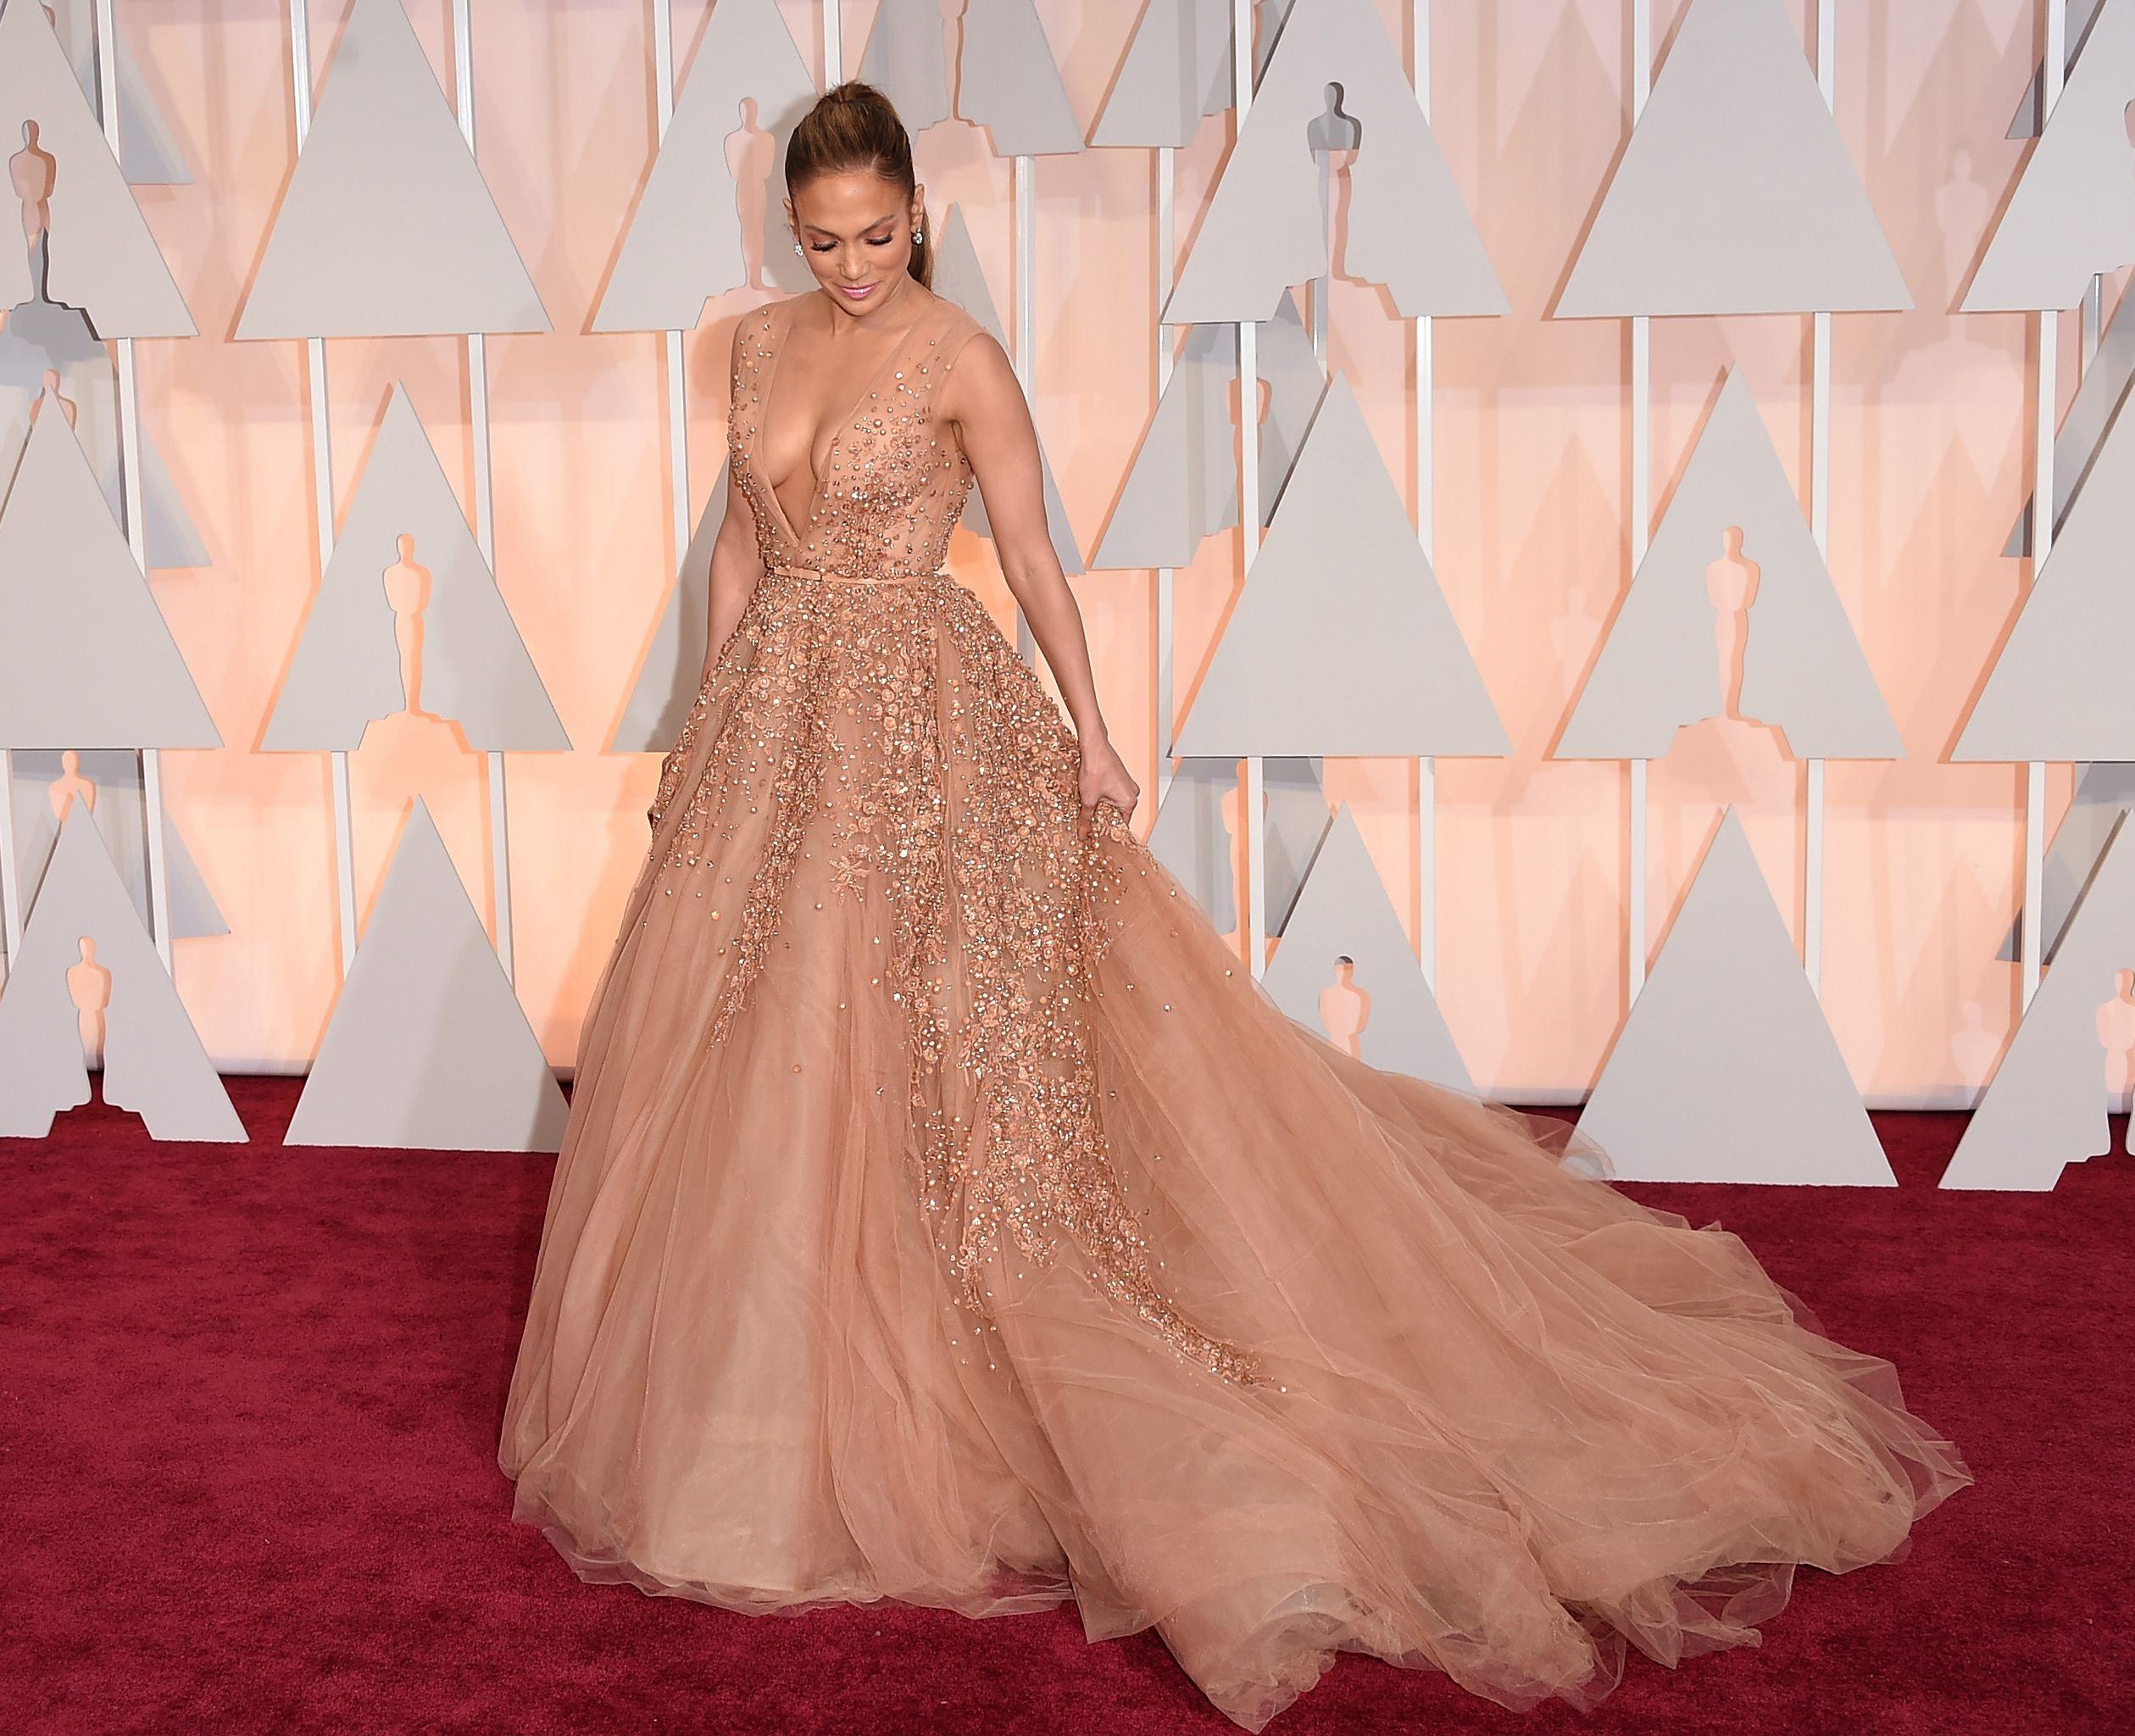 Einfach umwerfend! Das sind die schönsten Oscar-Kleider aller